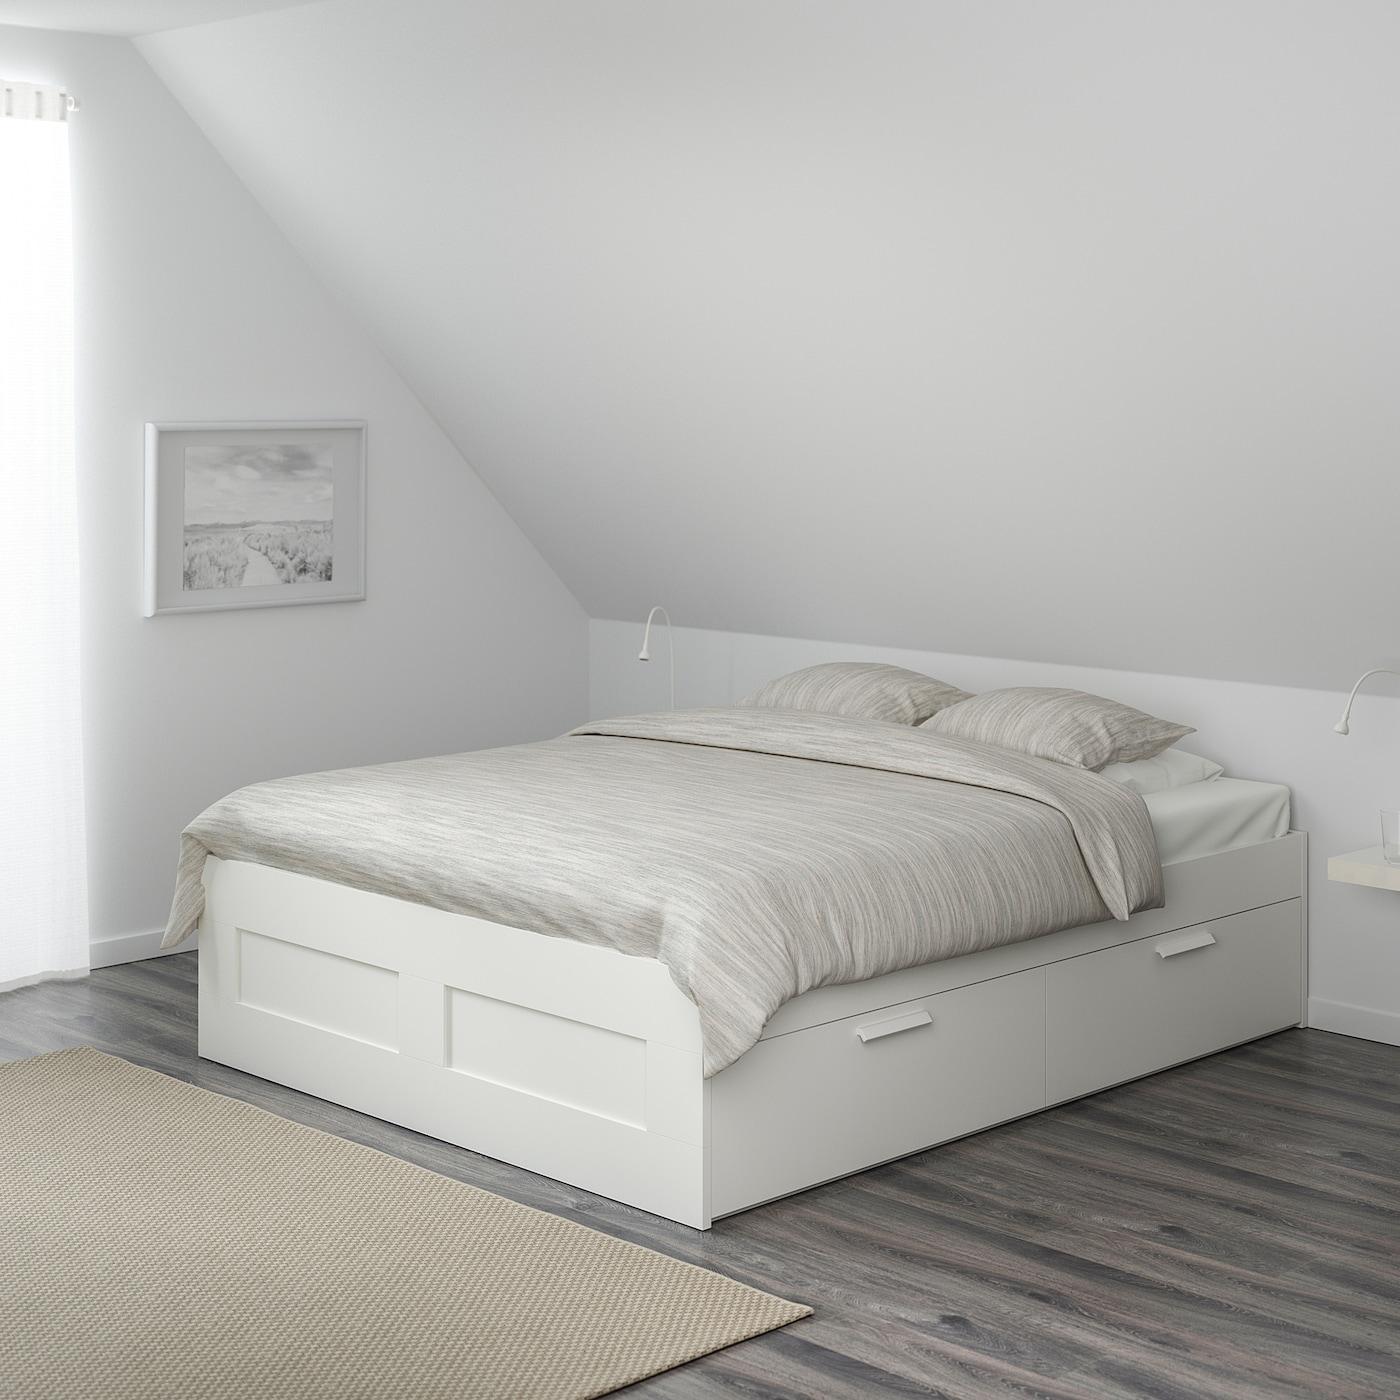 Full Size of Brimnes Bettgestell Mit Schubladen Wei Ikea Schweiz Designer Betten Bambus Bett Skandinavisch 90x190 Platzsparend Rauch Rutsche 200x180 190x90 120x200 Weiß De Bett 1.40 Bett